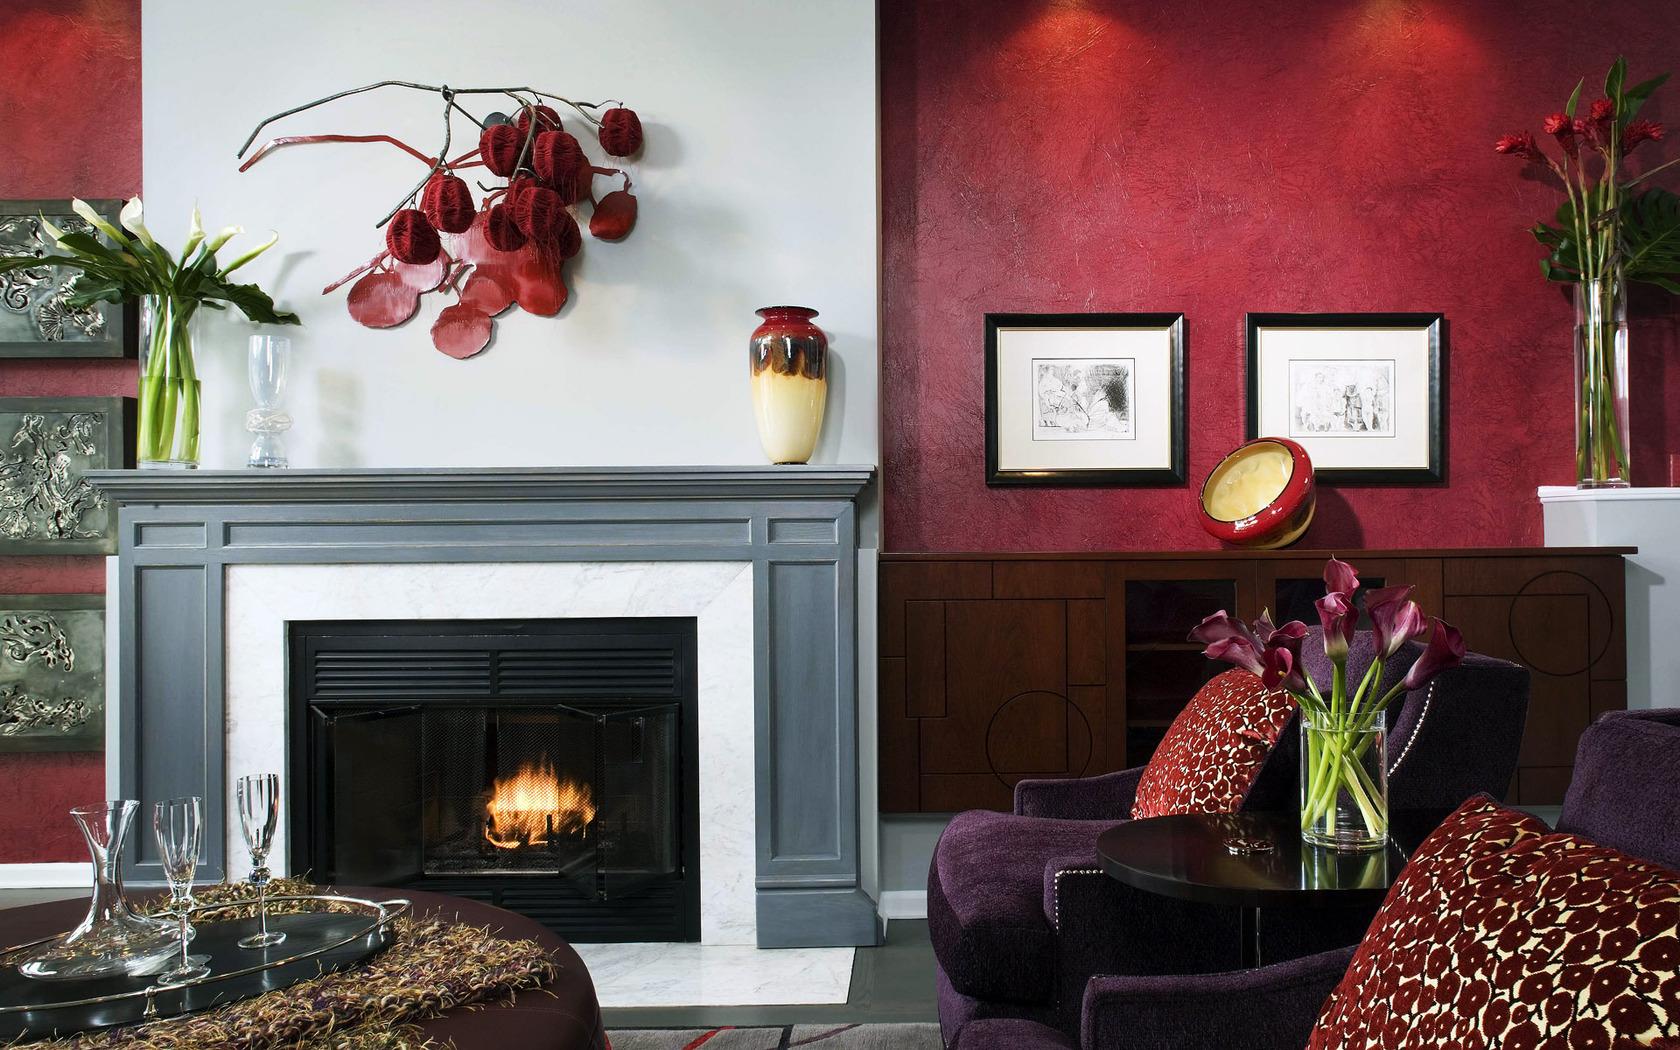 Ideen Wohnzimmergestaltung Wohnzimmergestaltung Interior Design ...